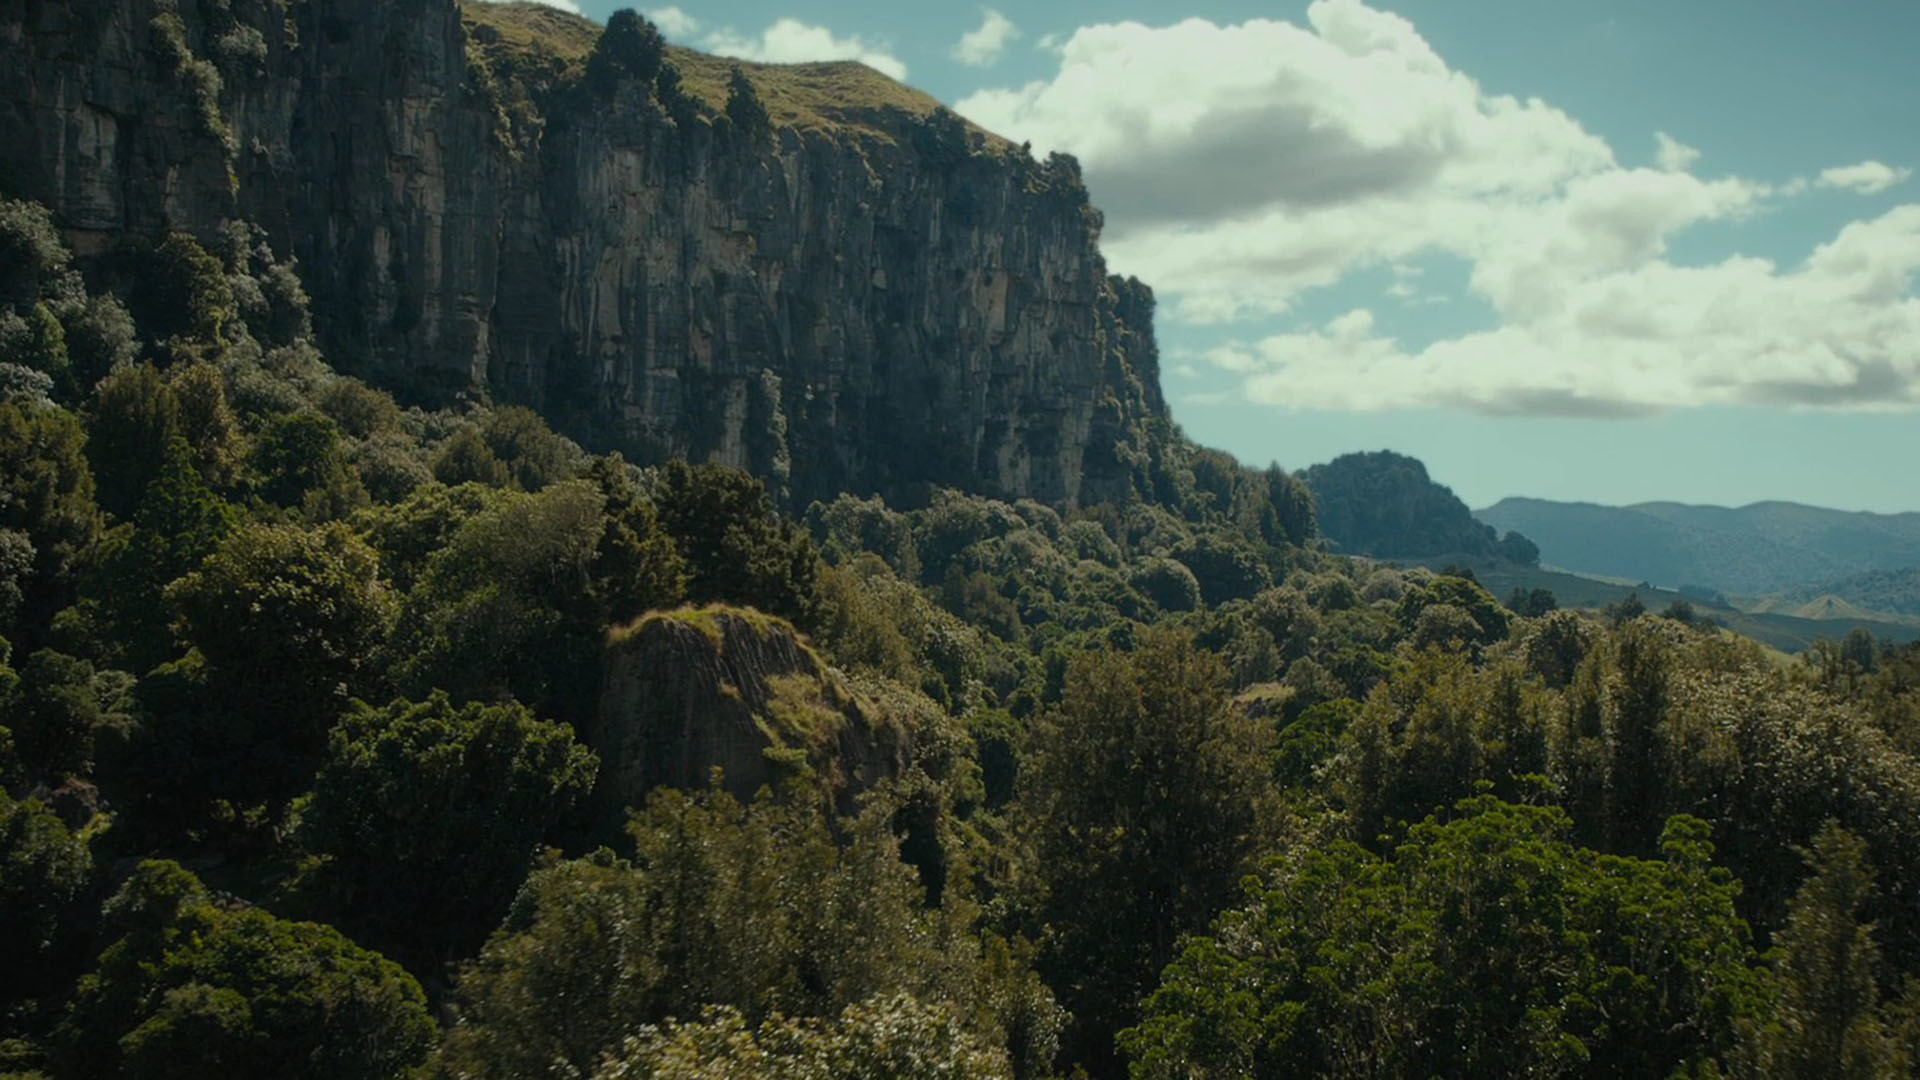 1920×1080. The Hobbit Wallpaper. The Hobbit